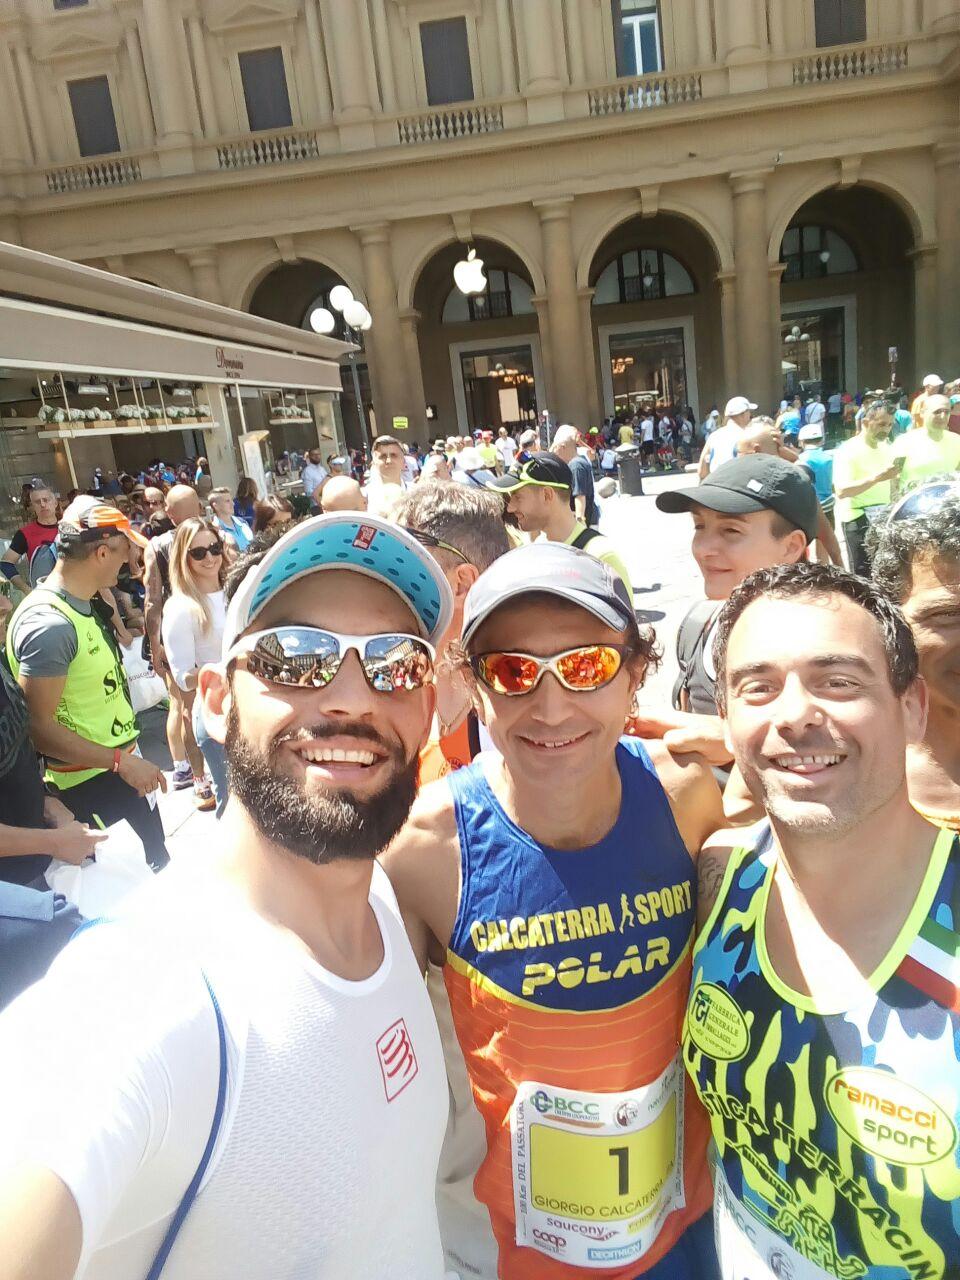 Fernando Fiore, Giorgio Calcaterra e Silviano Valenti. anxur time